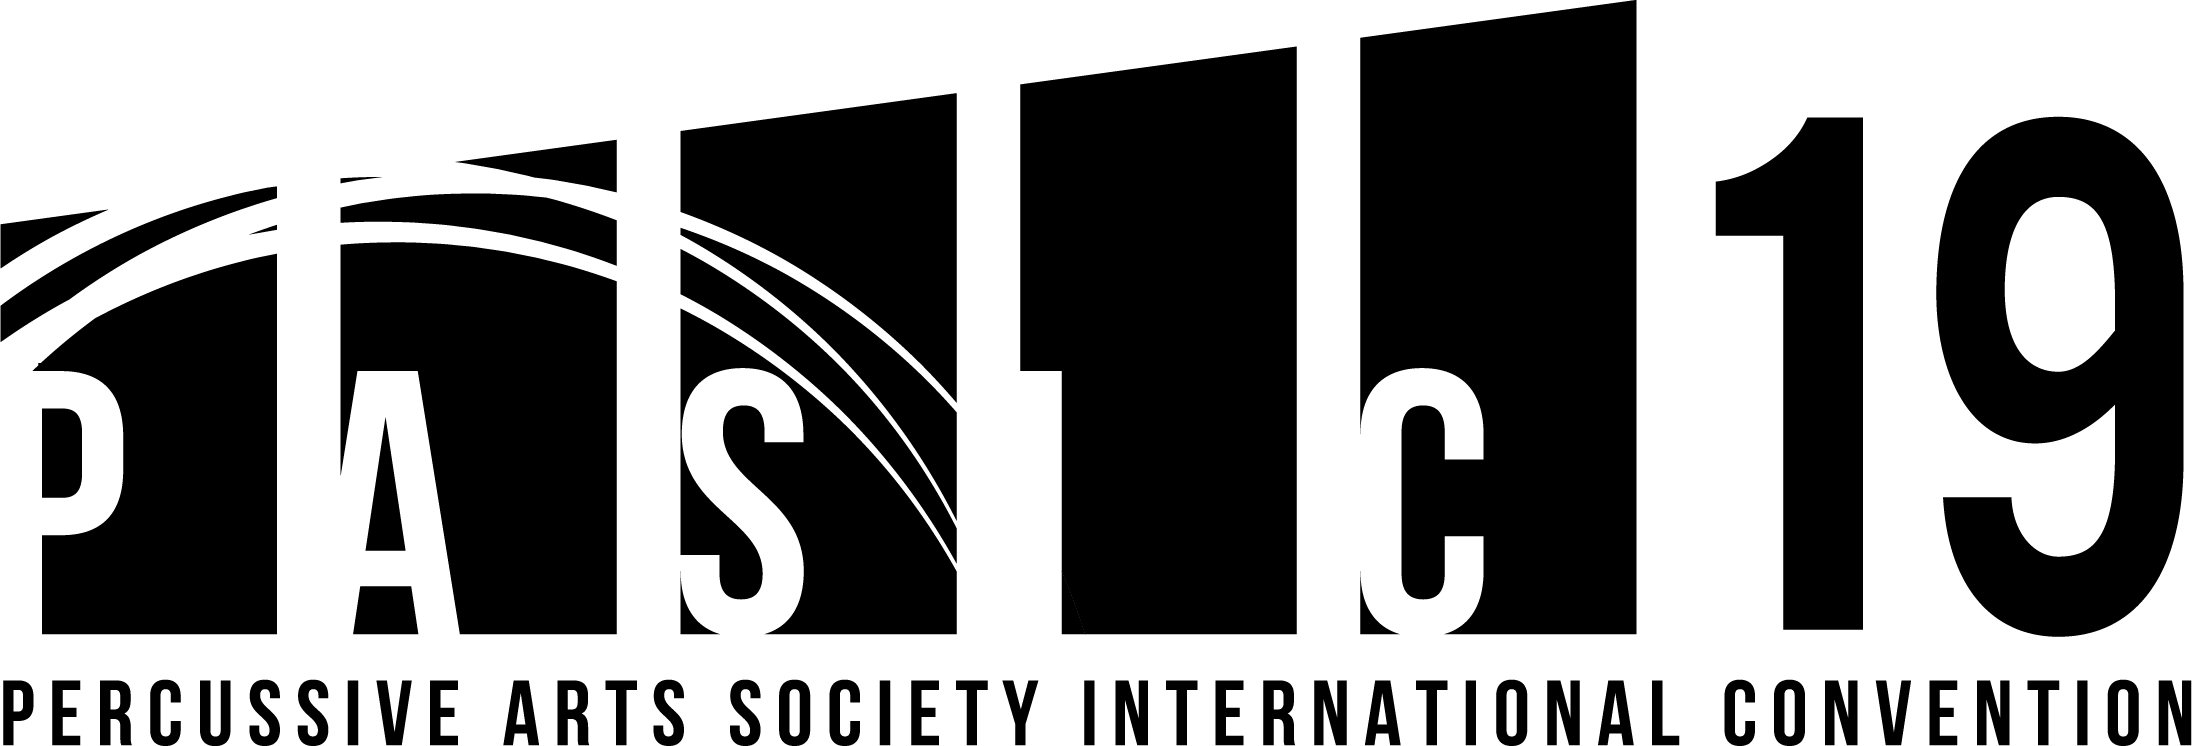 PASIC19 logo